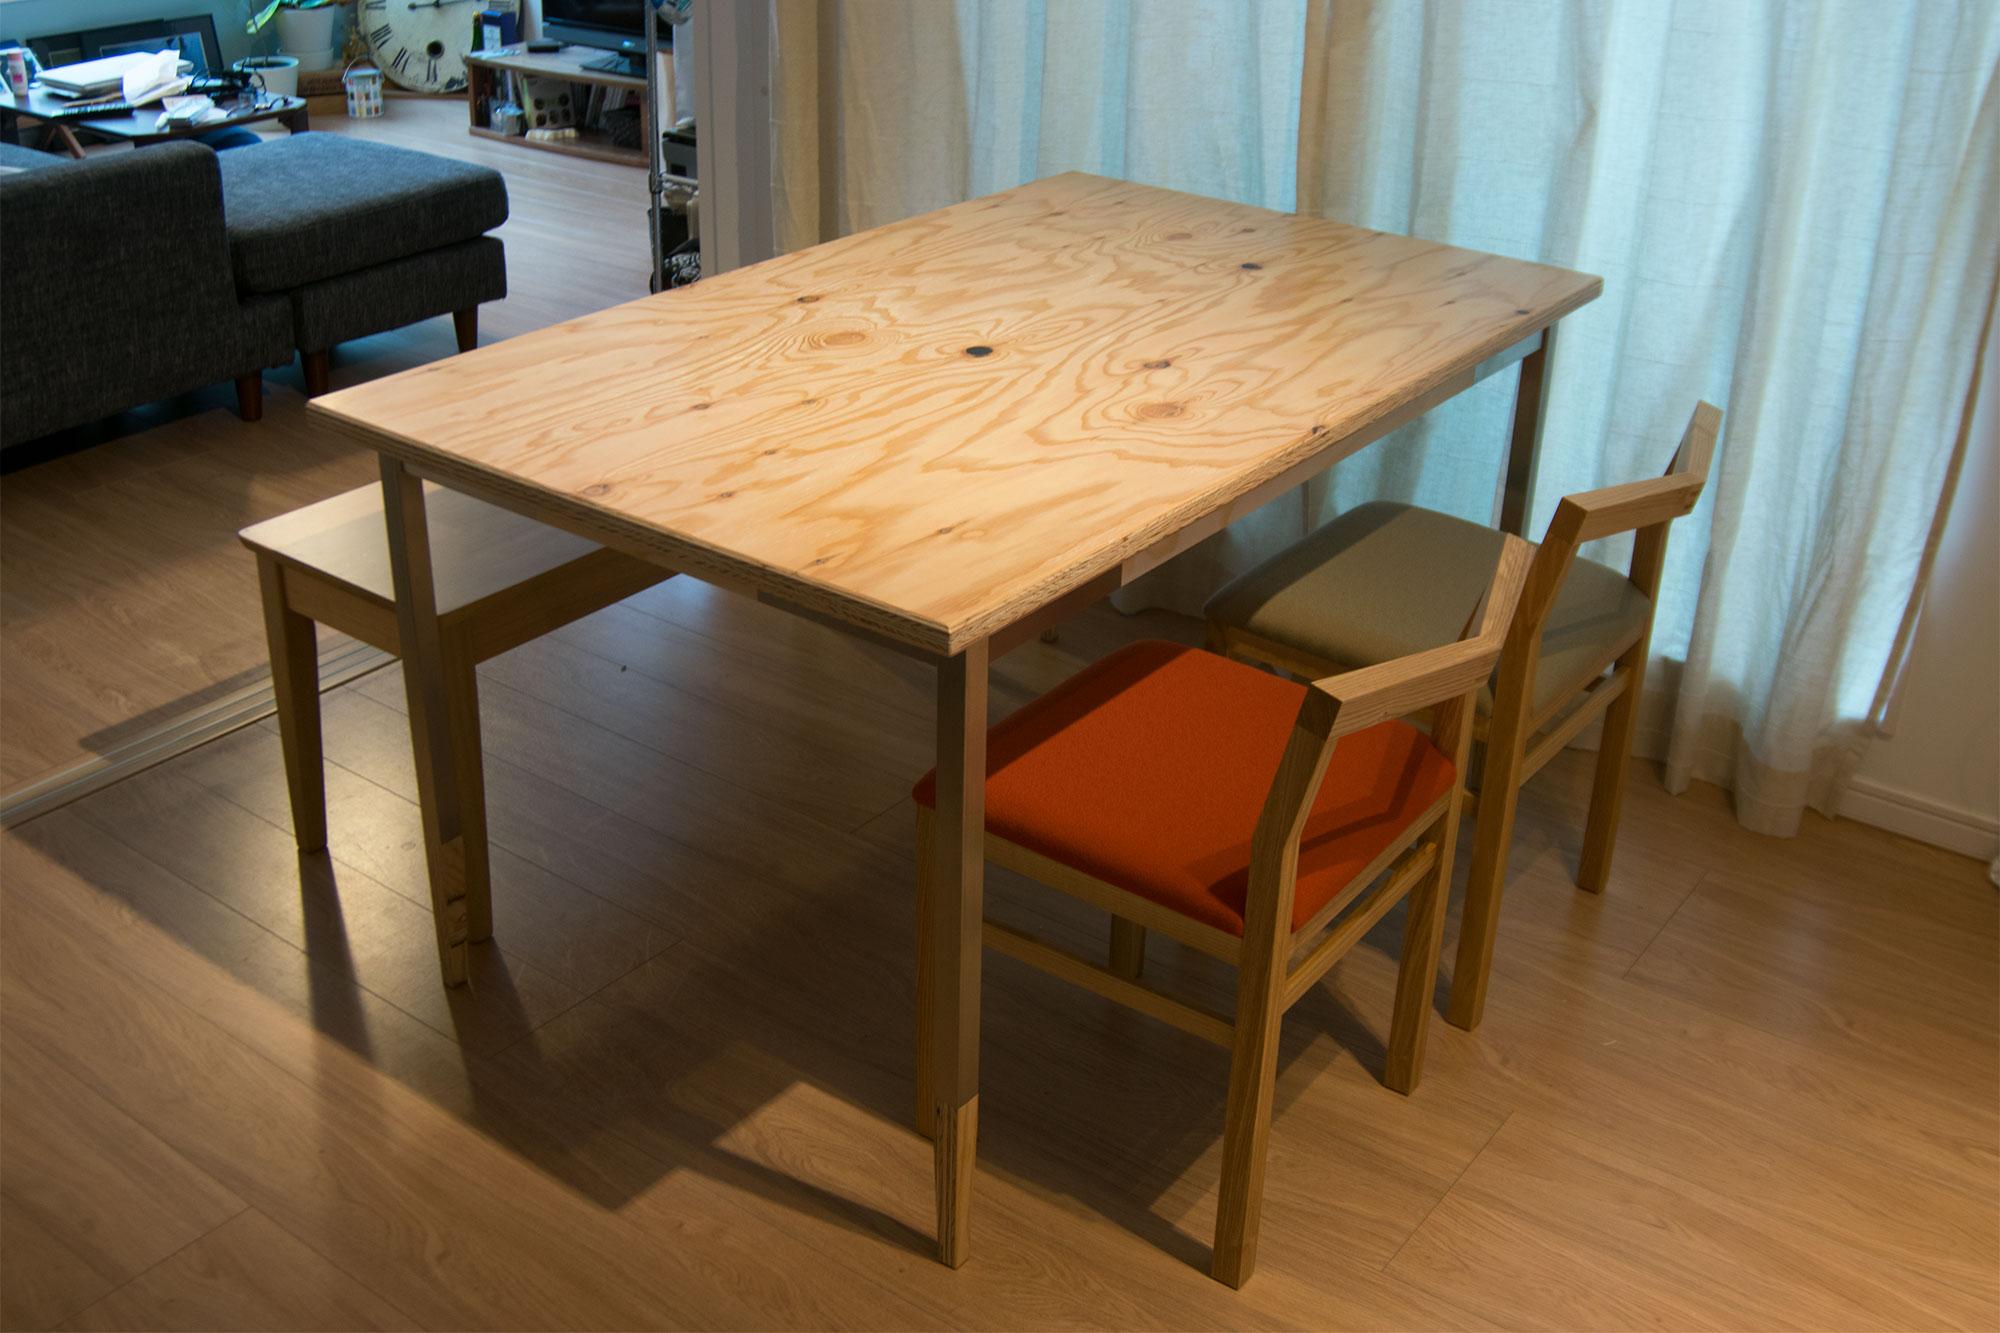 ラーチ合板天板 オルタナティブテーブル ALTERNATIVE TABLE